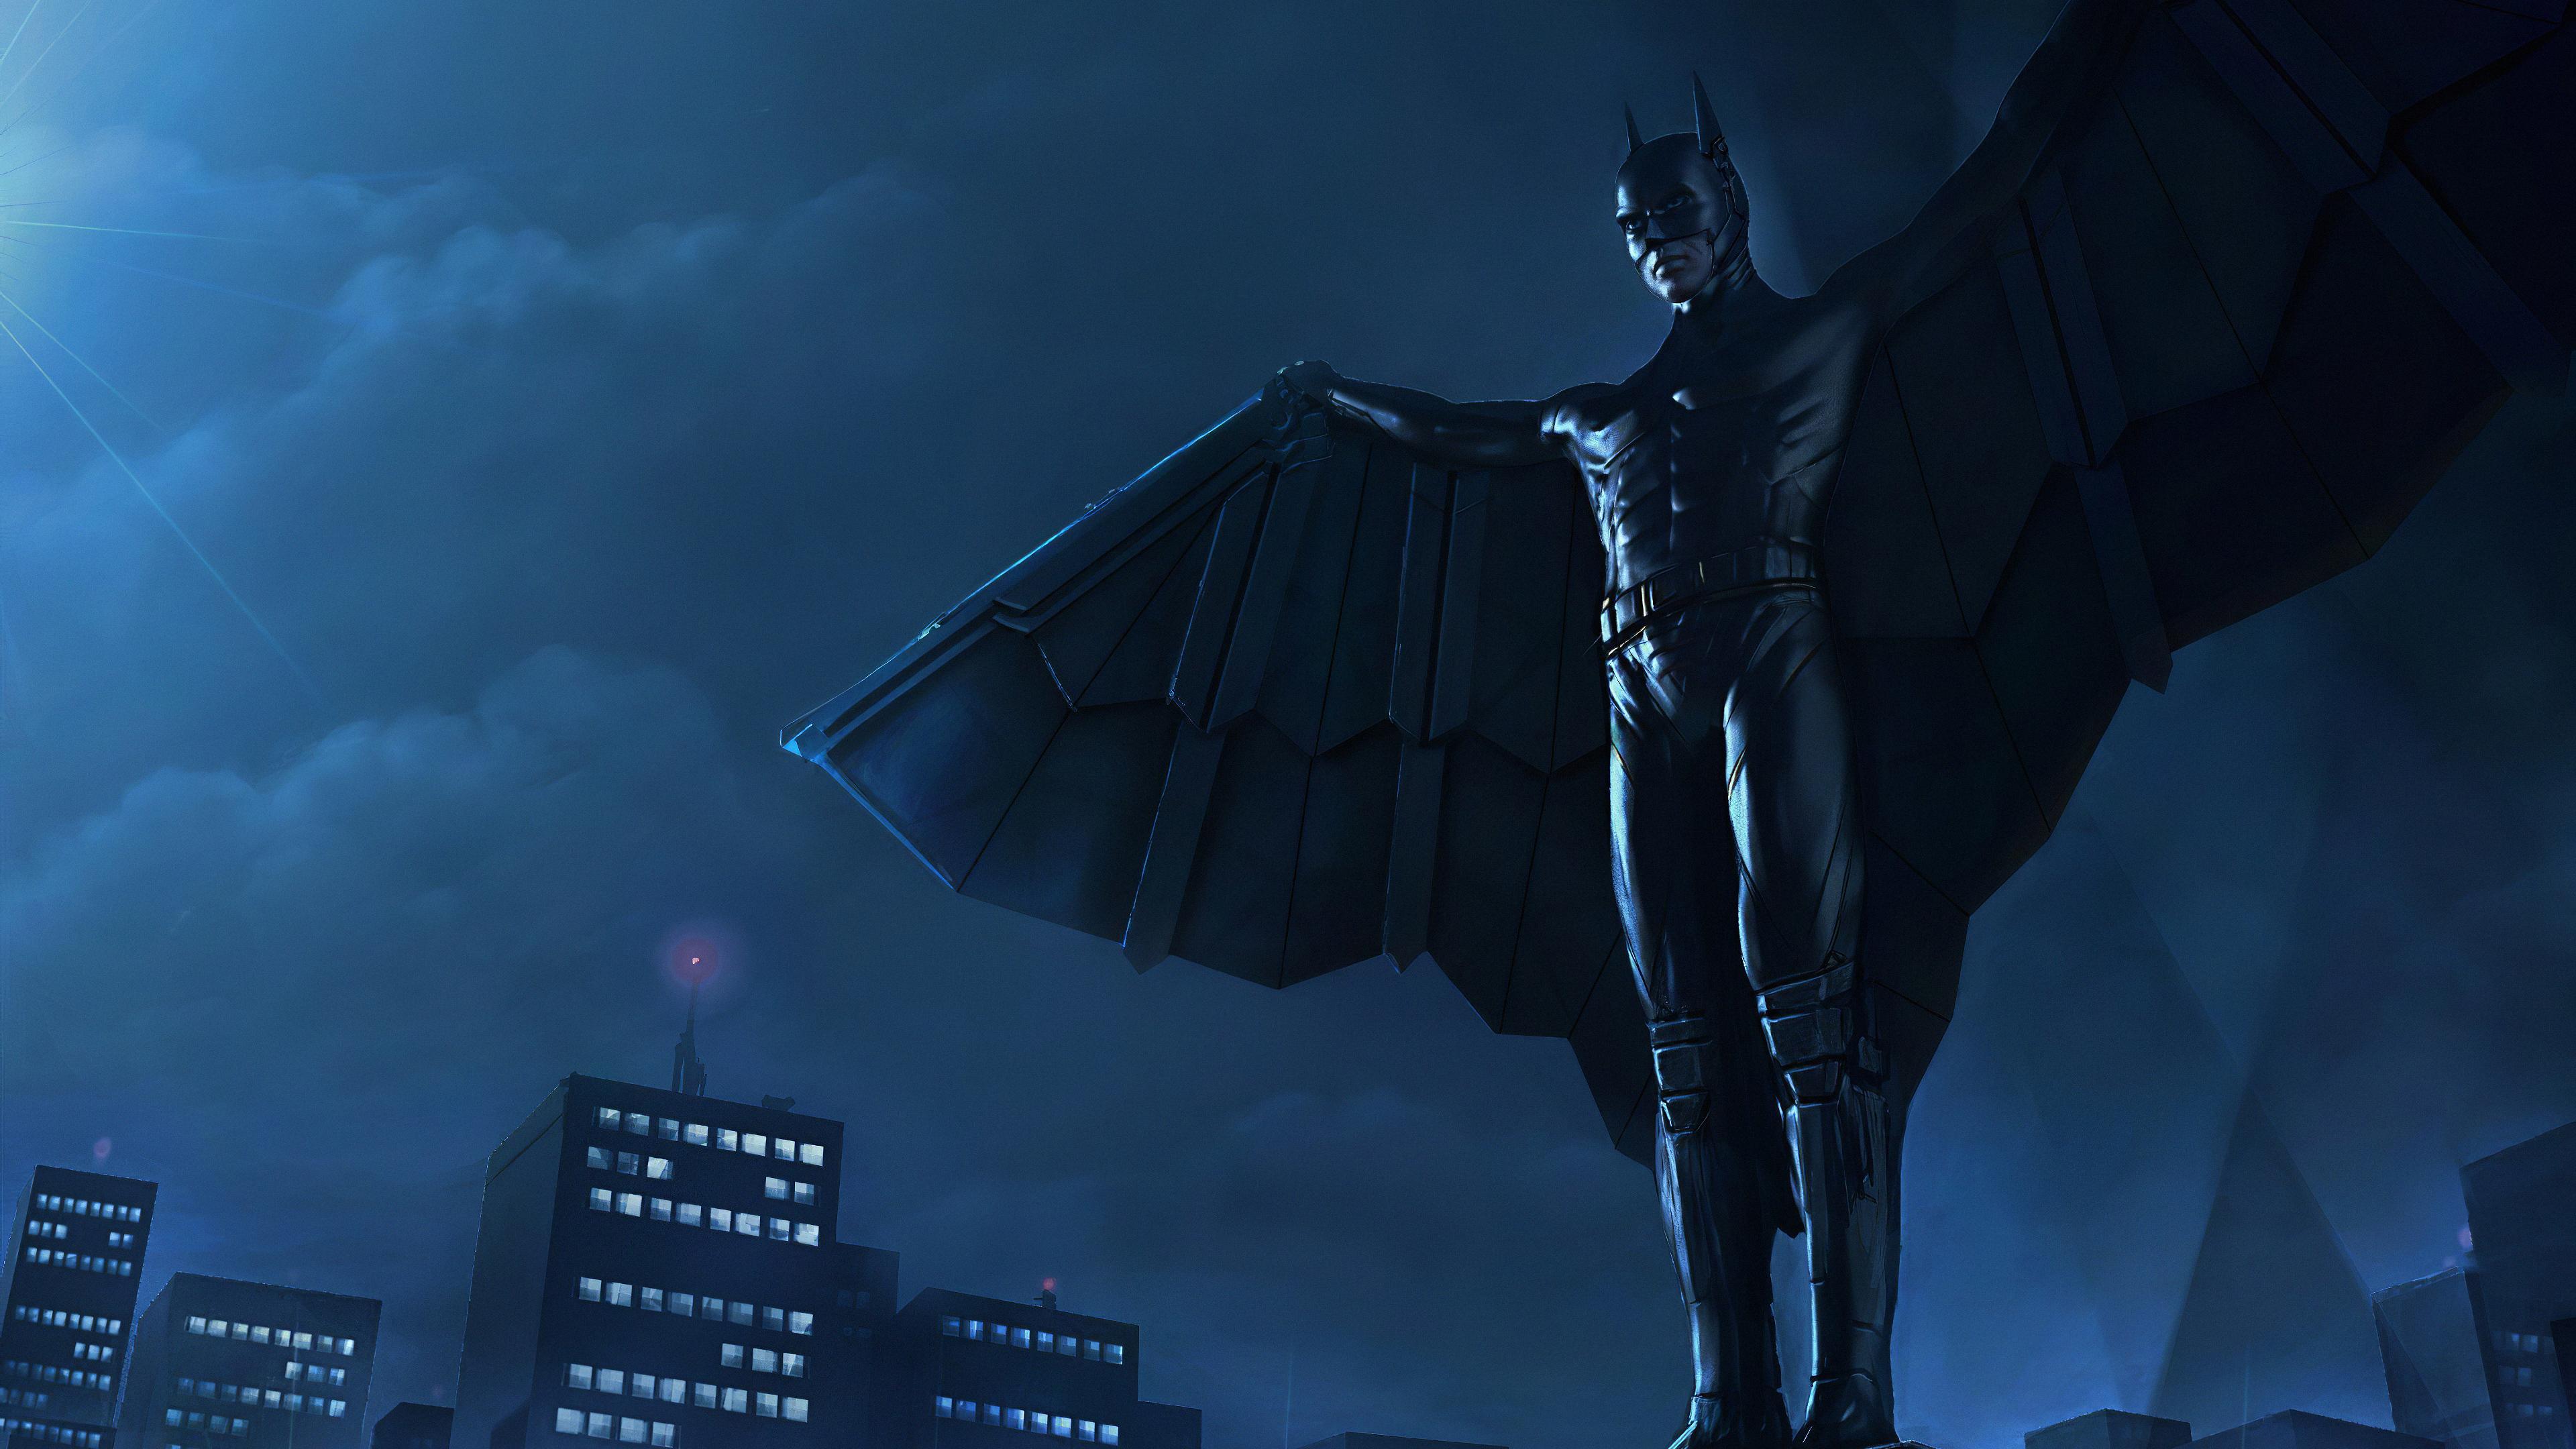 batman cape up 1572368772 - Batman Cape Up - superheroes wallpapers, portrait wallpapers, hd-wallpapers, batman wallpapers, artwork wallpapers, arstation wallpapers, 4k-wallpapers